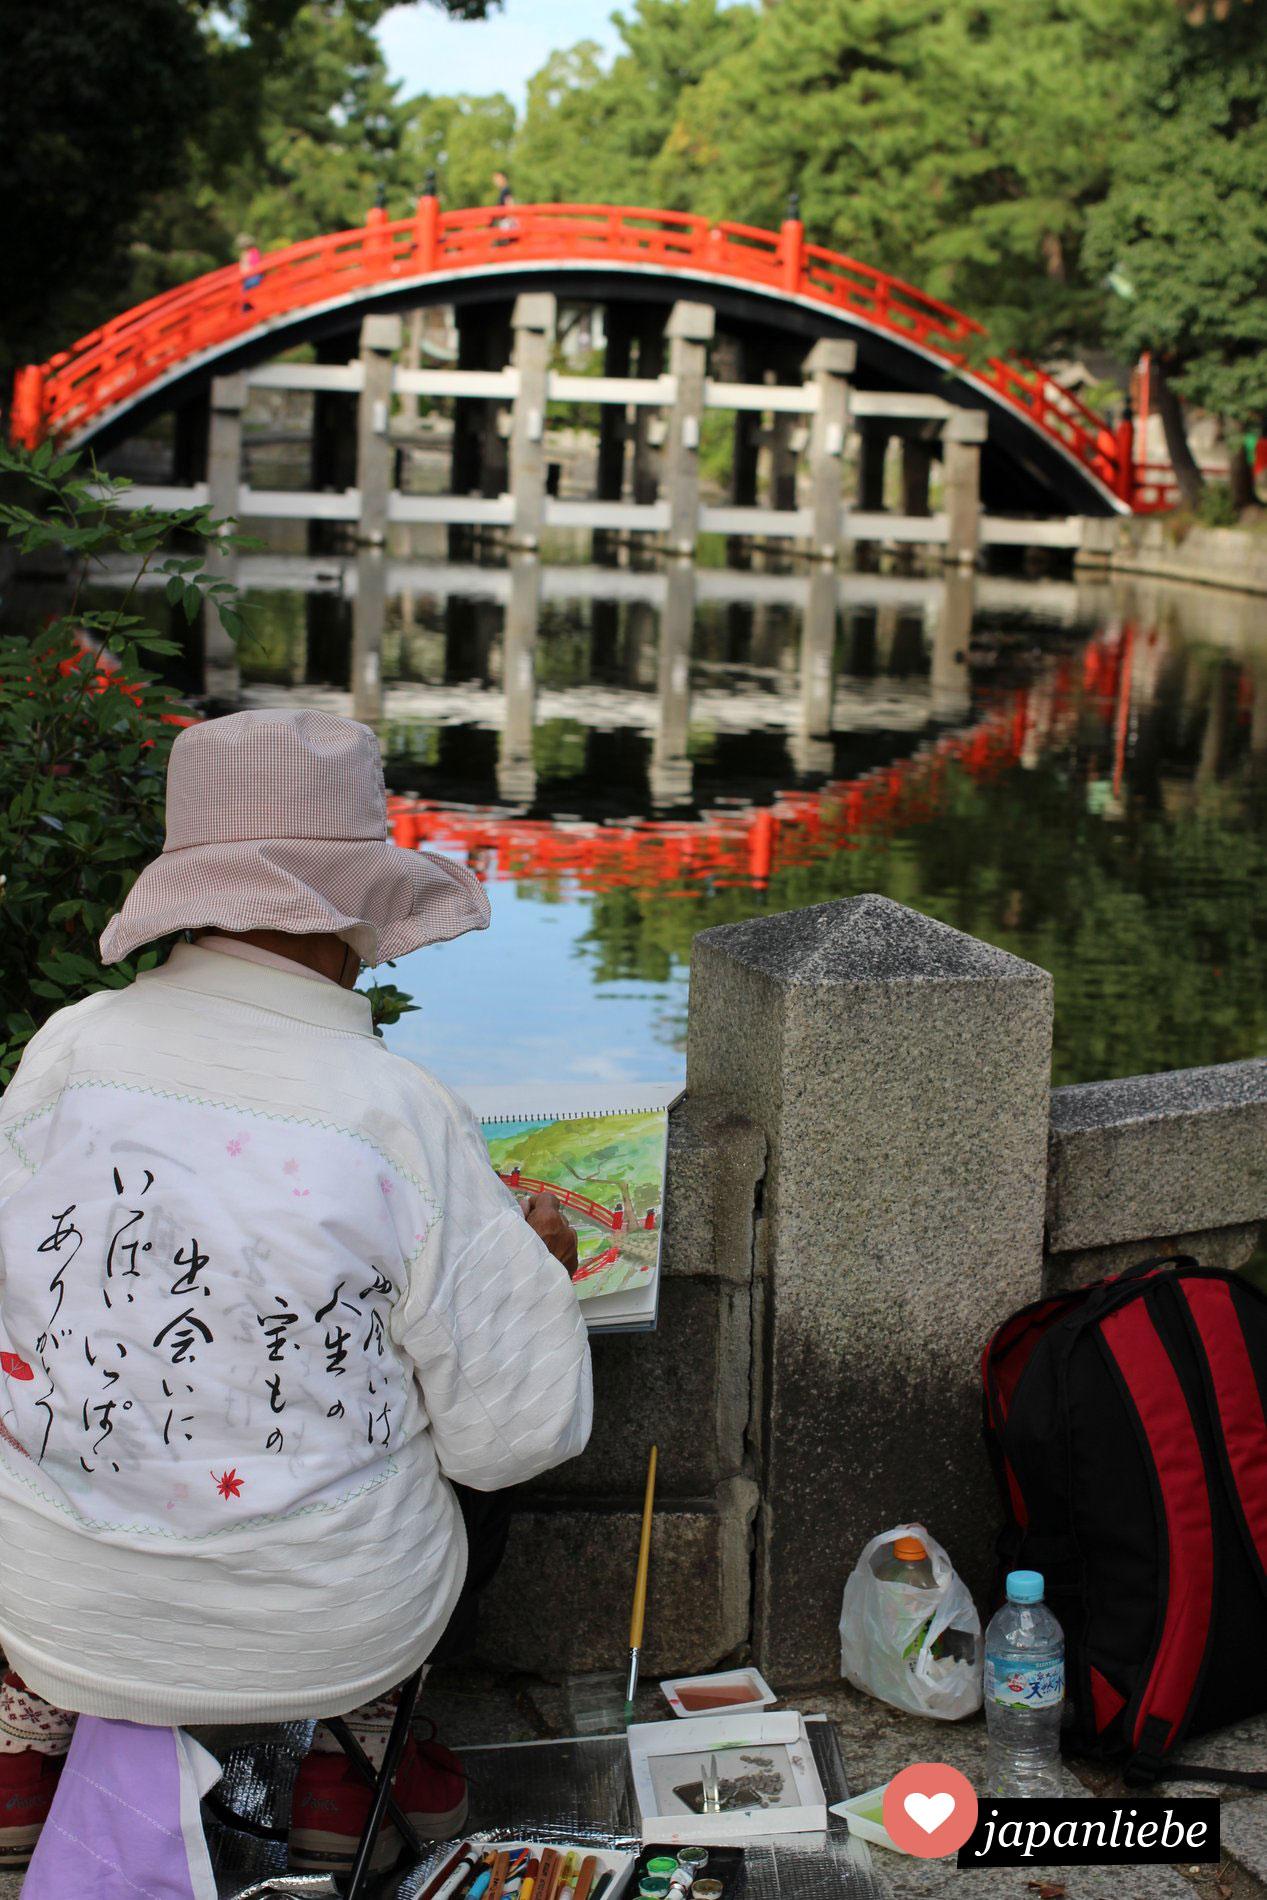 Eine Malerin zeichnet die Trommelbrücke des Sumiyoshi Taisha Schreins in Osaka, Japan